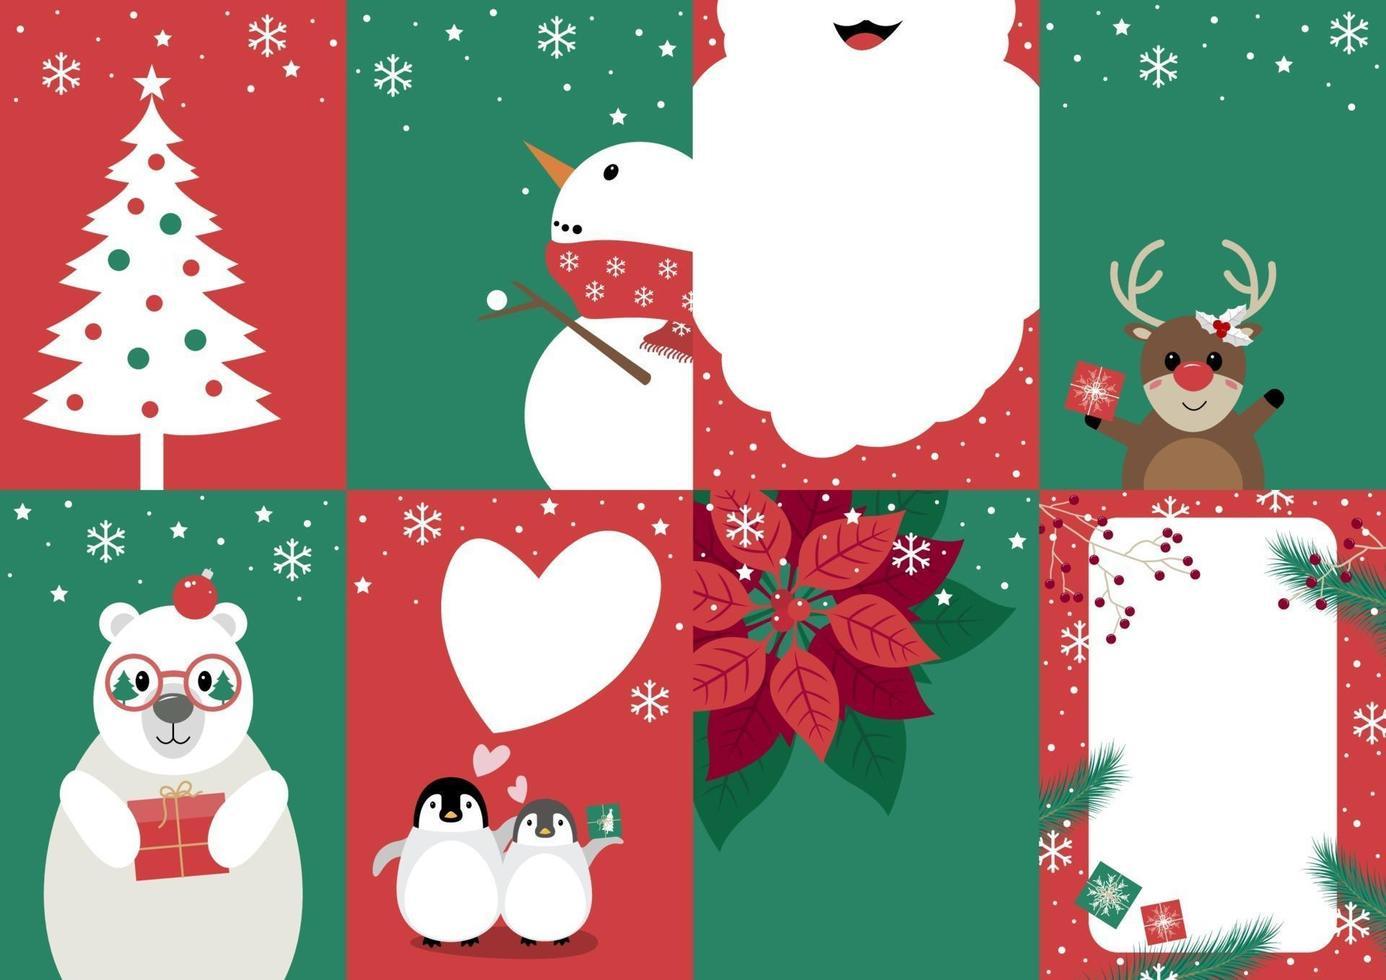 conjunto de ilustração vetorial de design de cartão de natal vetor